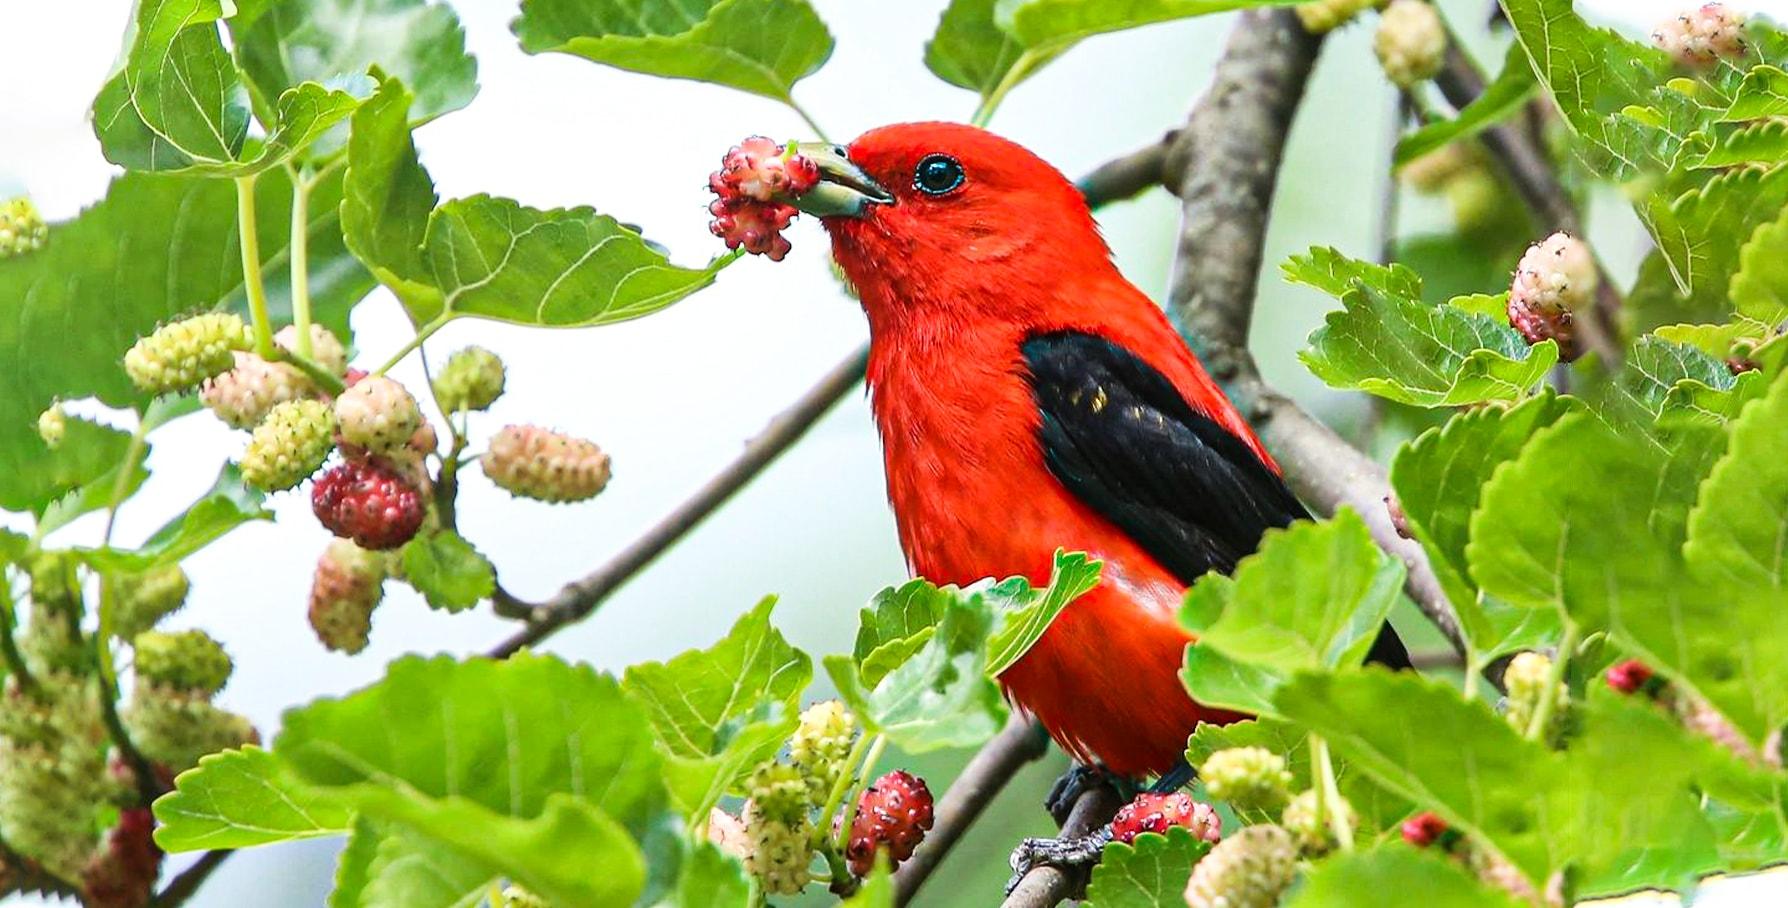 بیماری پرنده بر اثر مسمومیت غذایی